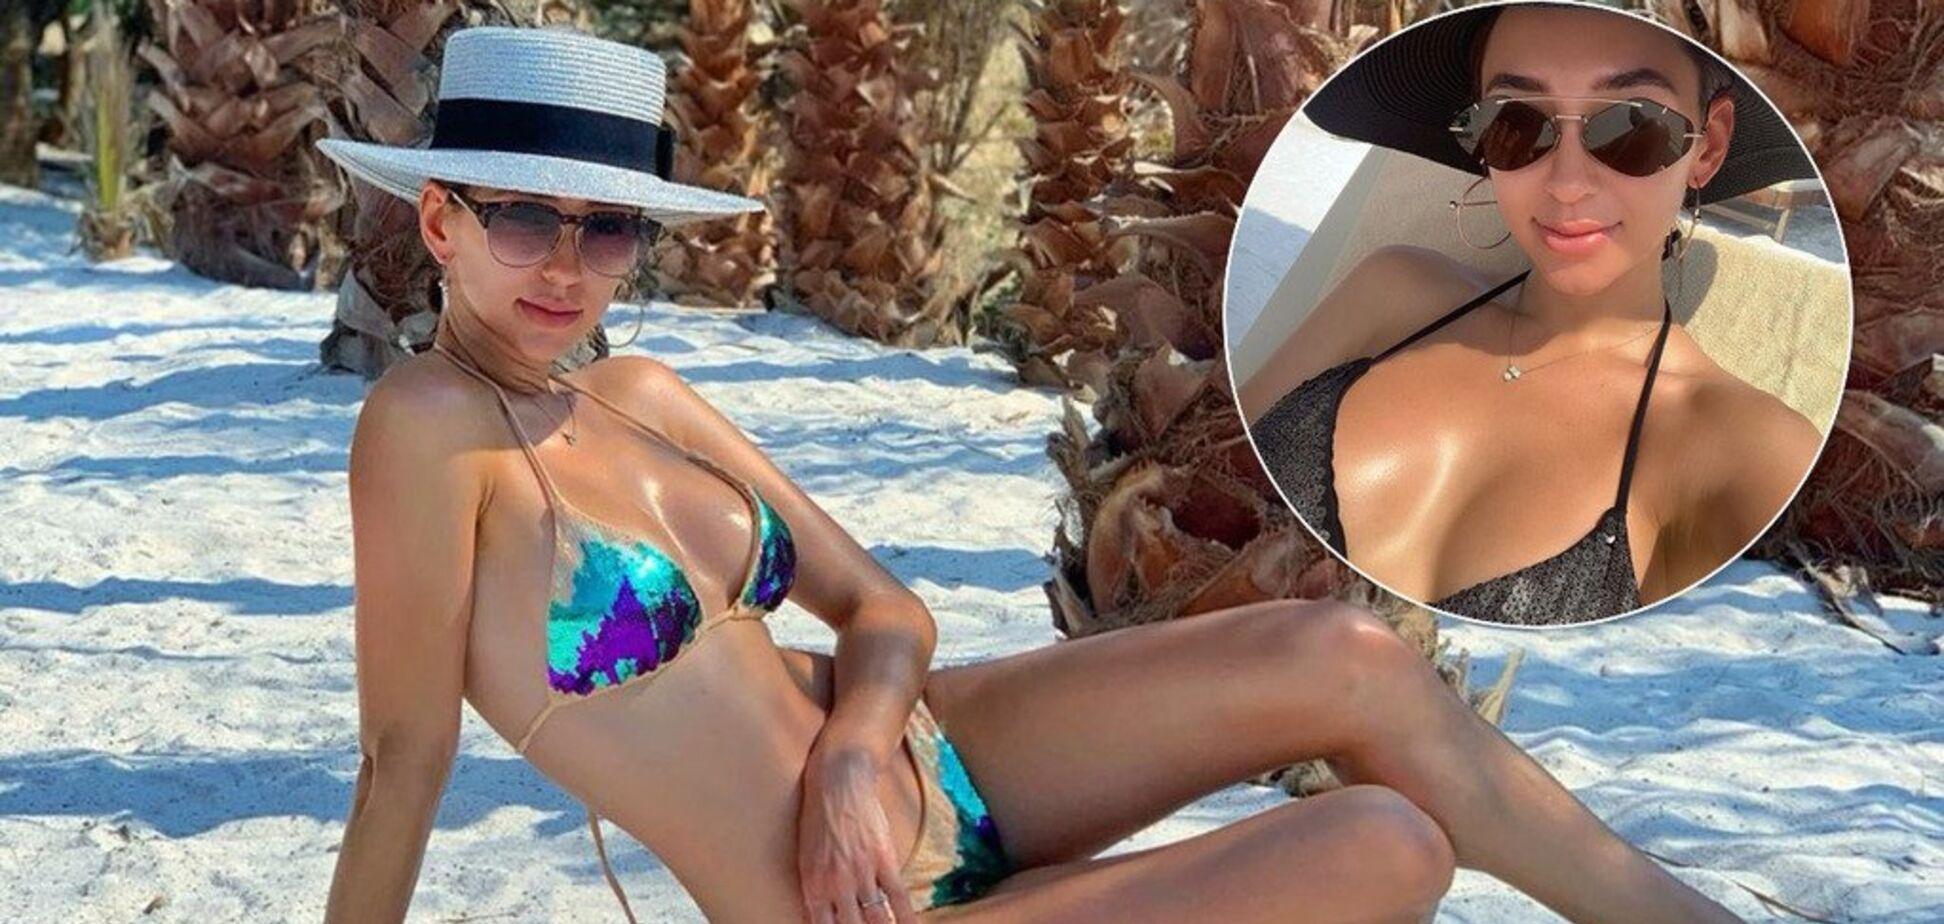 Жена Степаненко разделась на пляже и произвела фурор своей внешностью